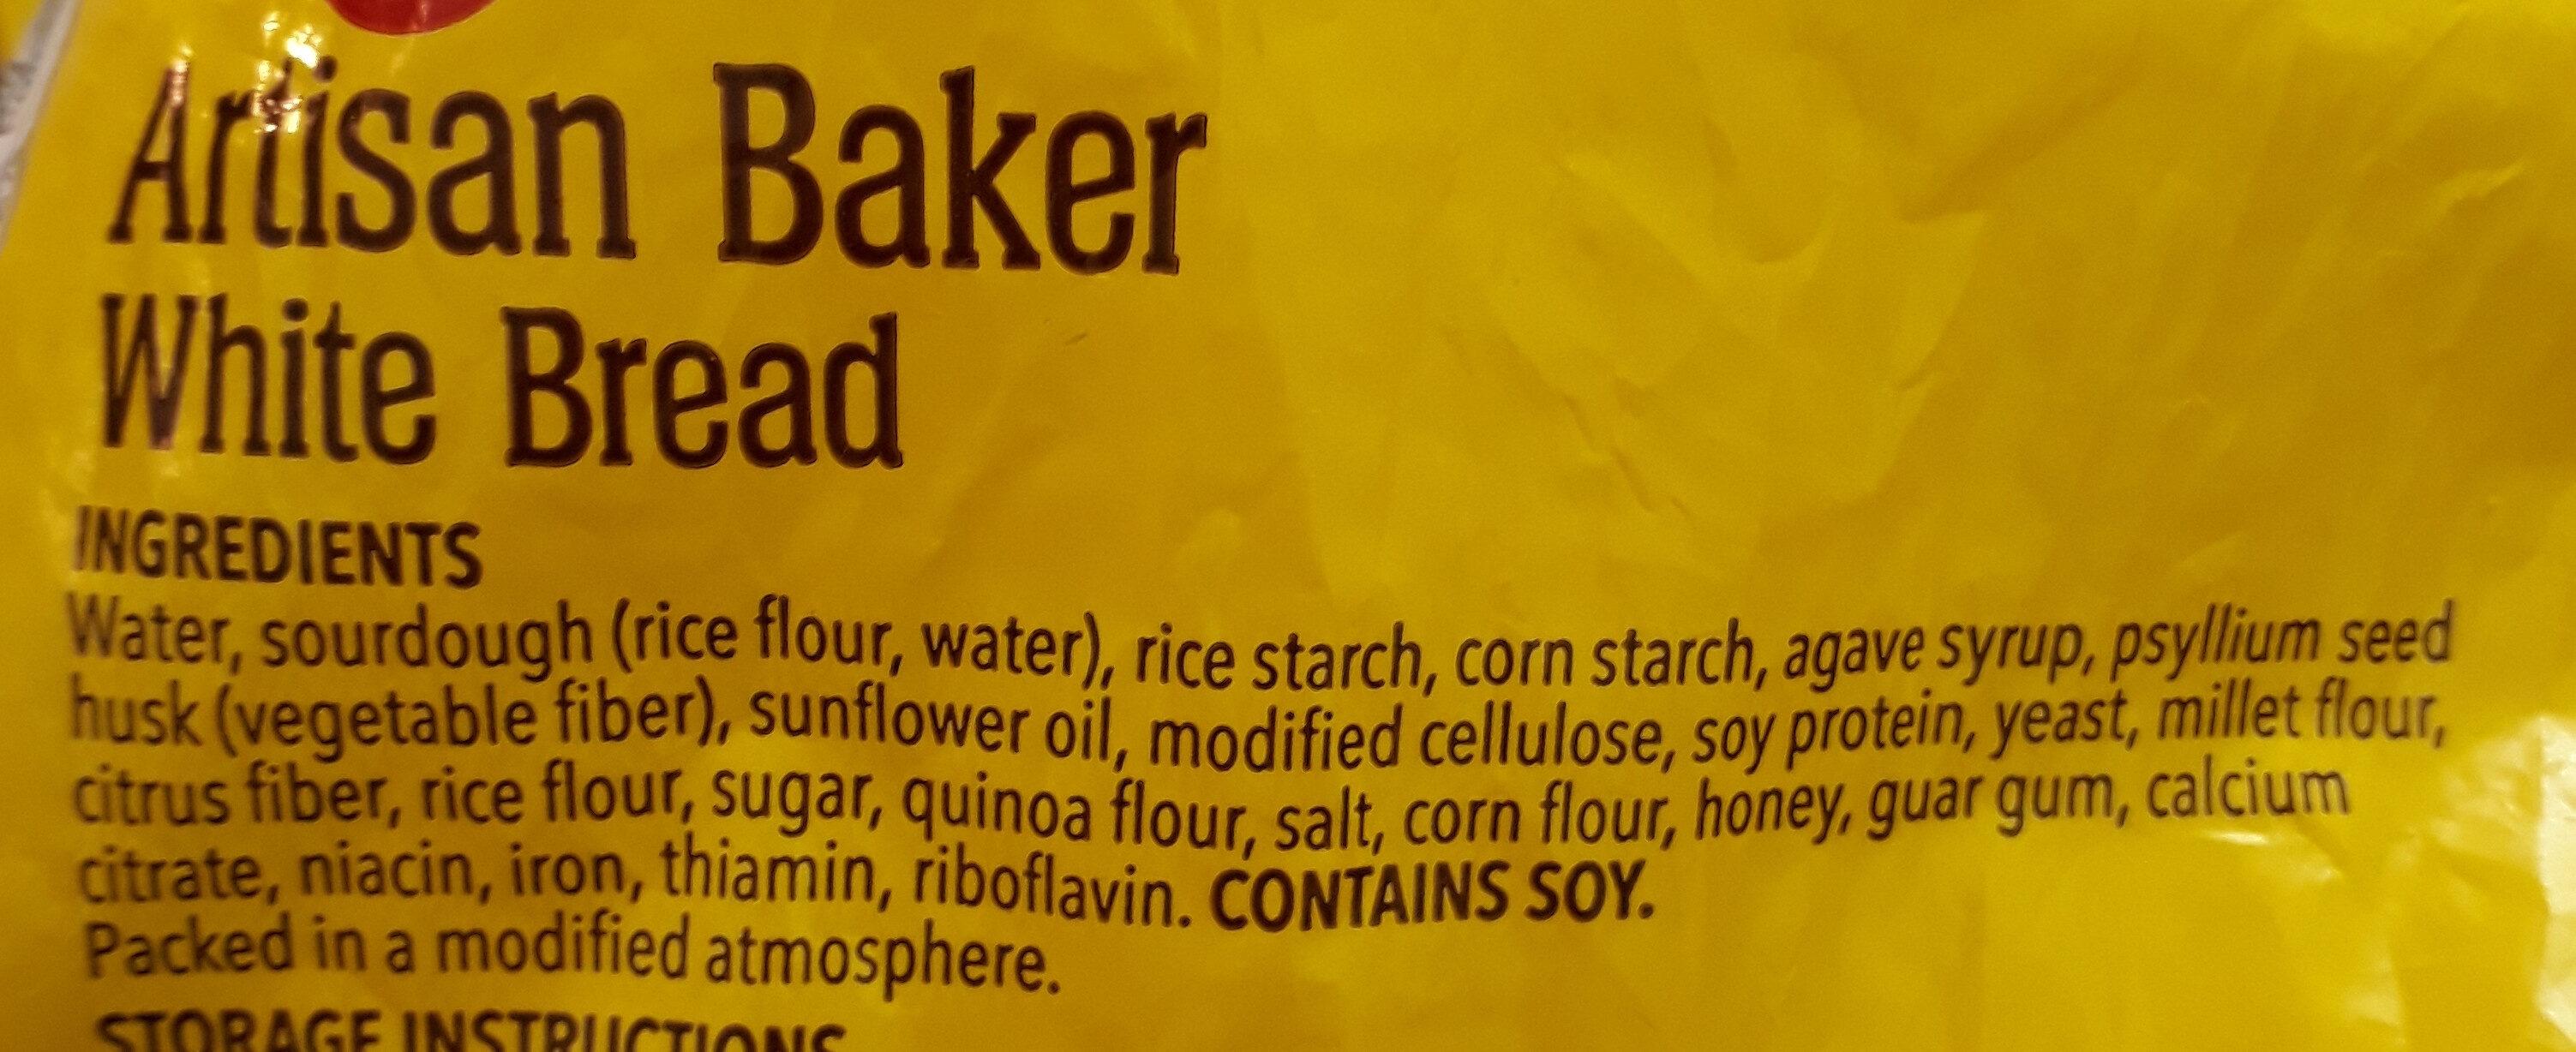 Gluten free artisan baker white bread - Ingredients - en